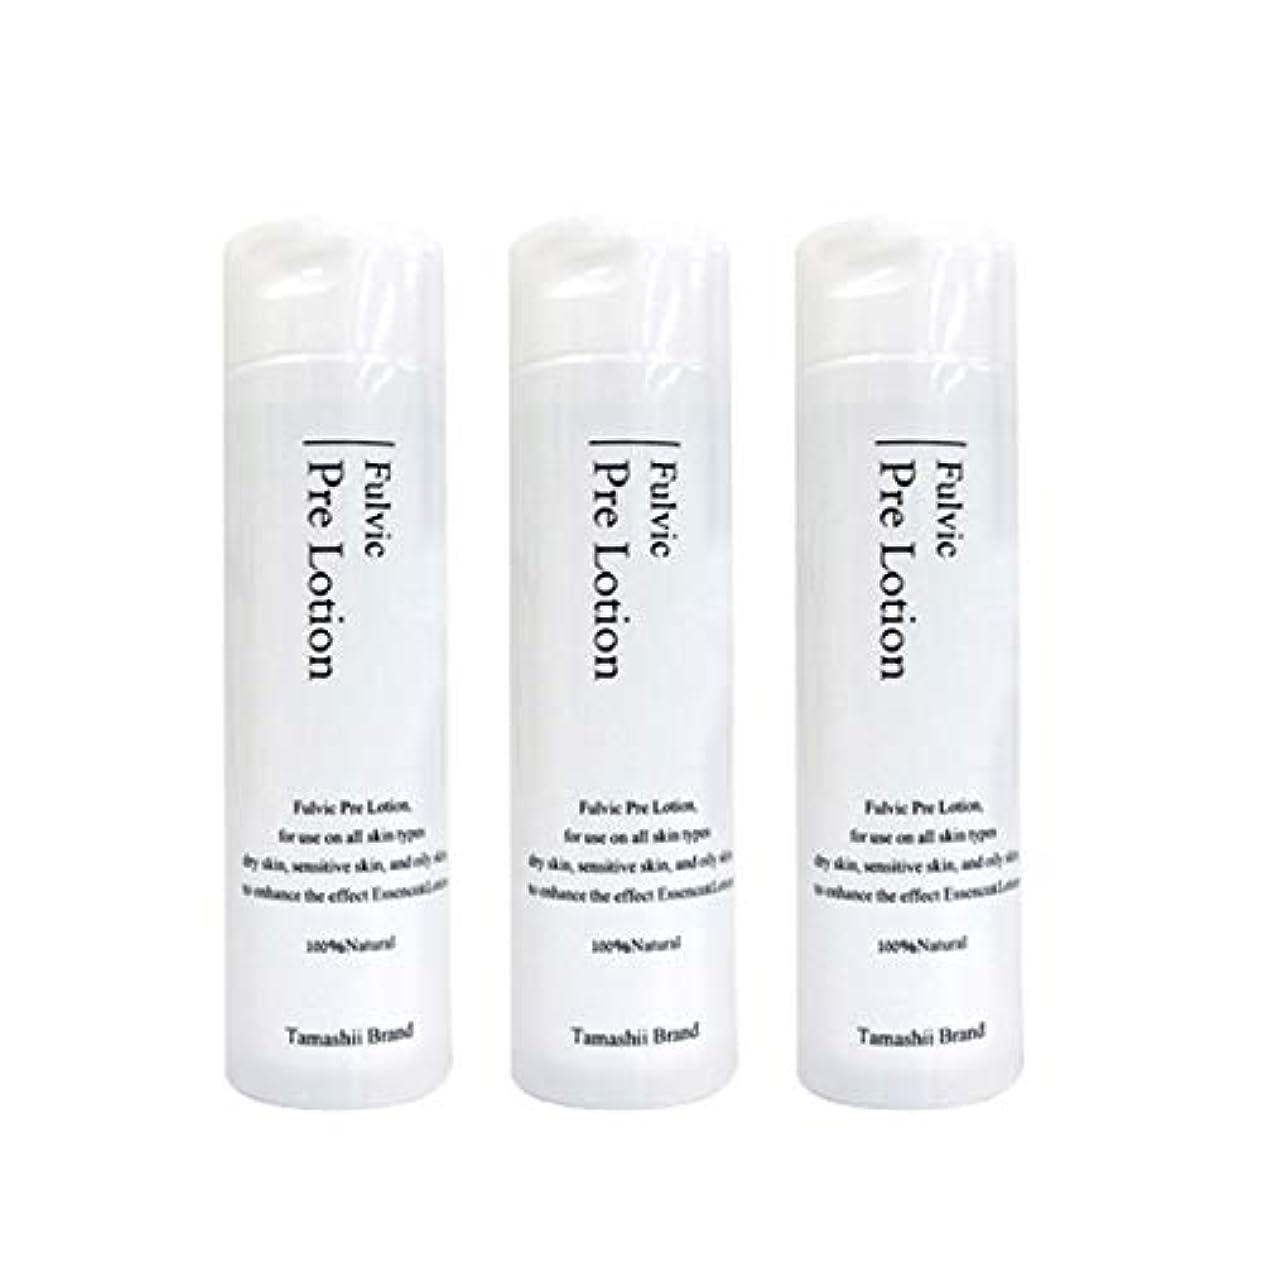 延期する自治懸念プレ化粧水フルボ200ml(無香料)3本セット 無添加ふき取りプレ化粧水 界面活性剤?ポリマー?エタノール不使用